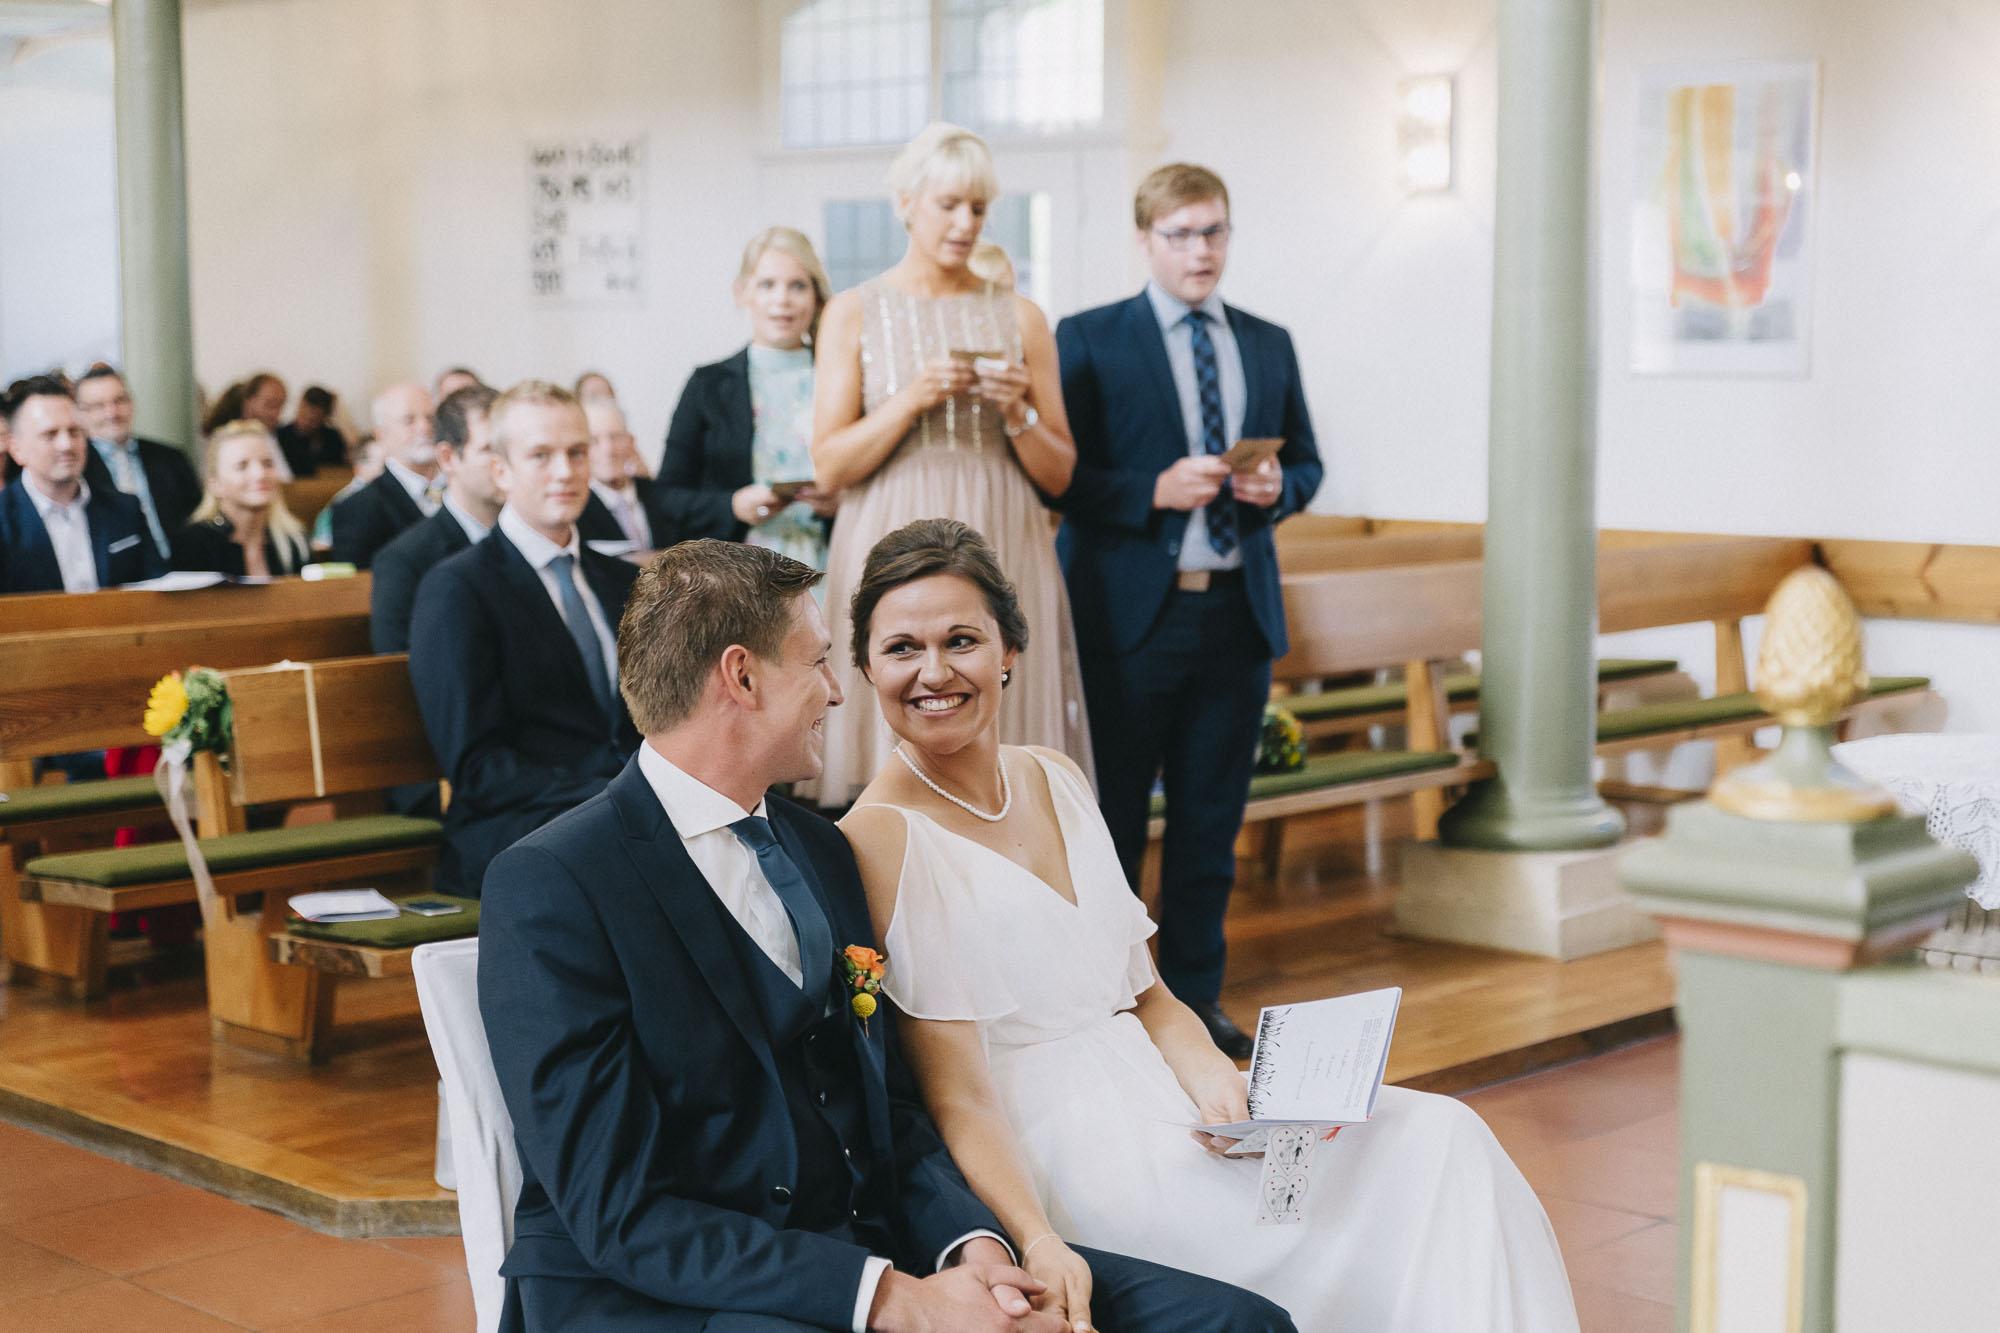 Hochzeitsreportage-Crailsheim-Krystina-Stefan-44